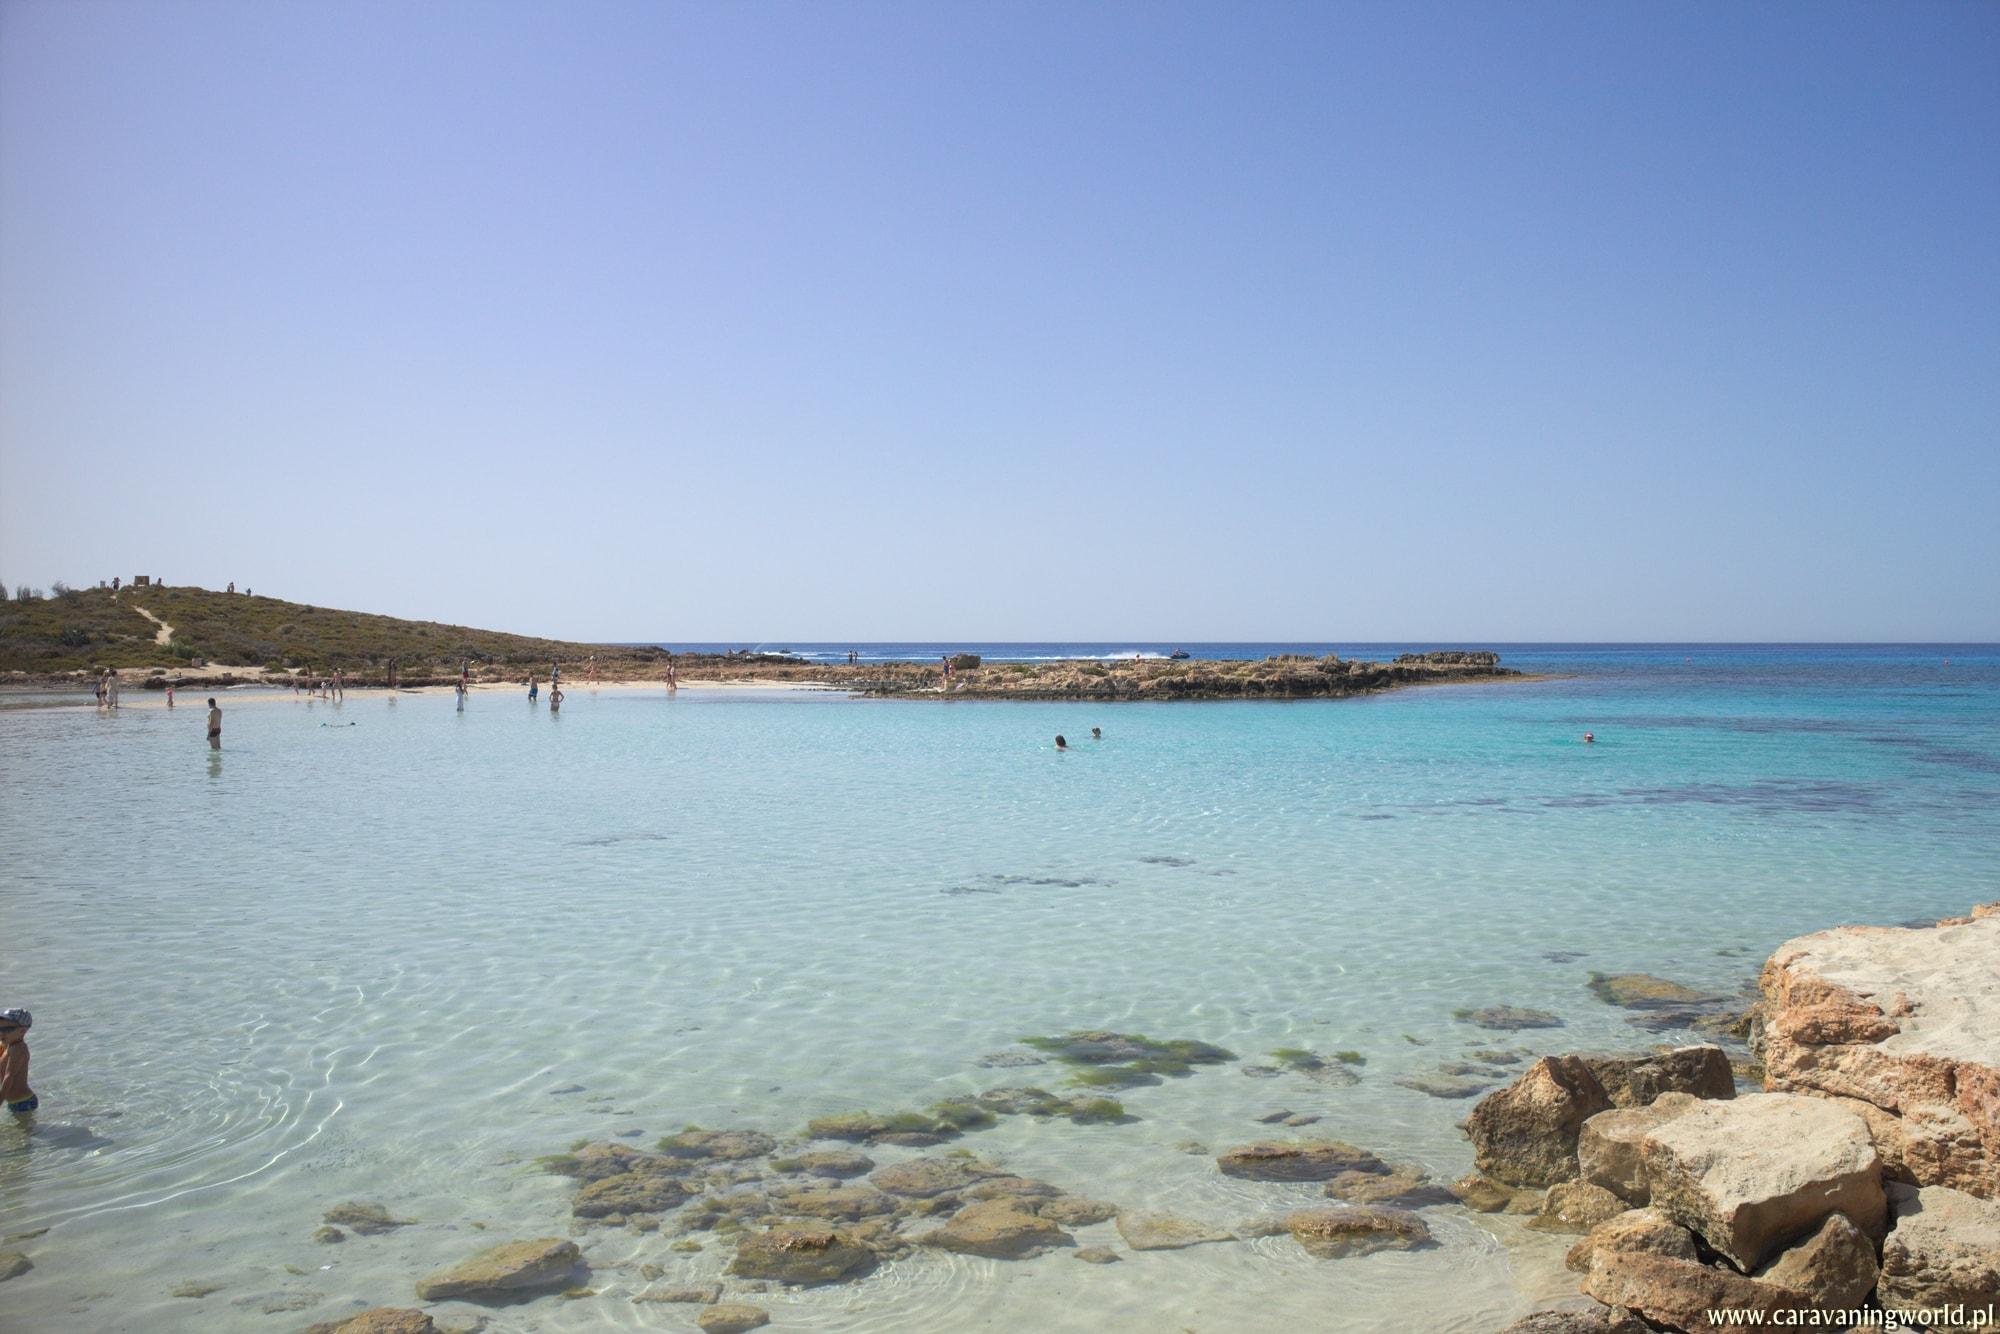 Plażowanie po cypryjsku